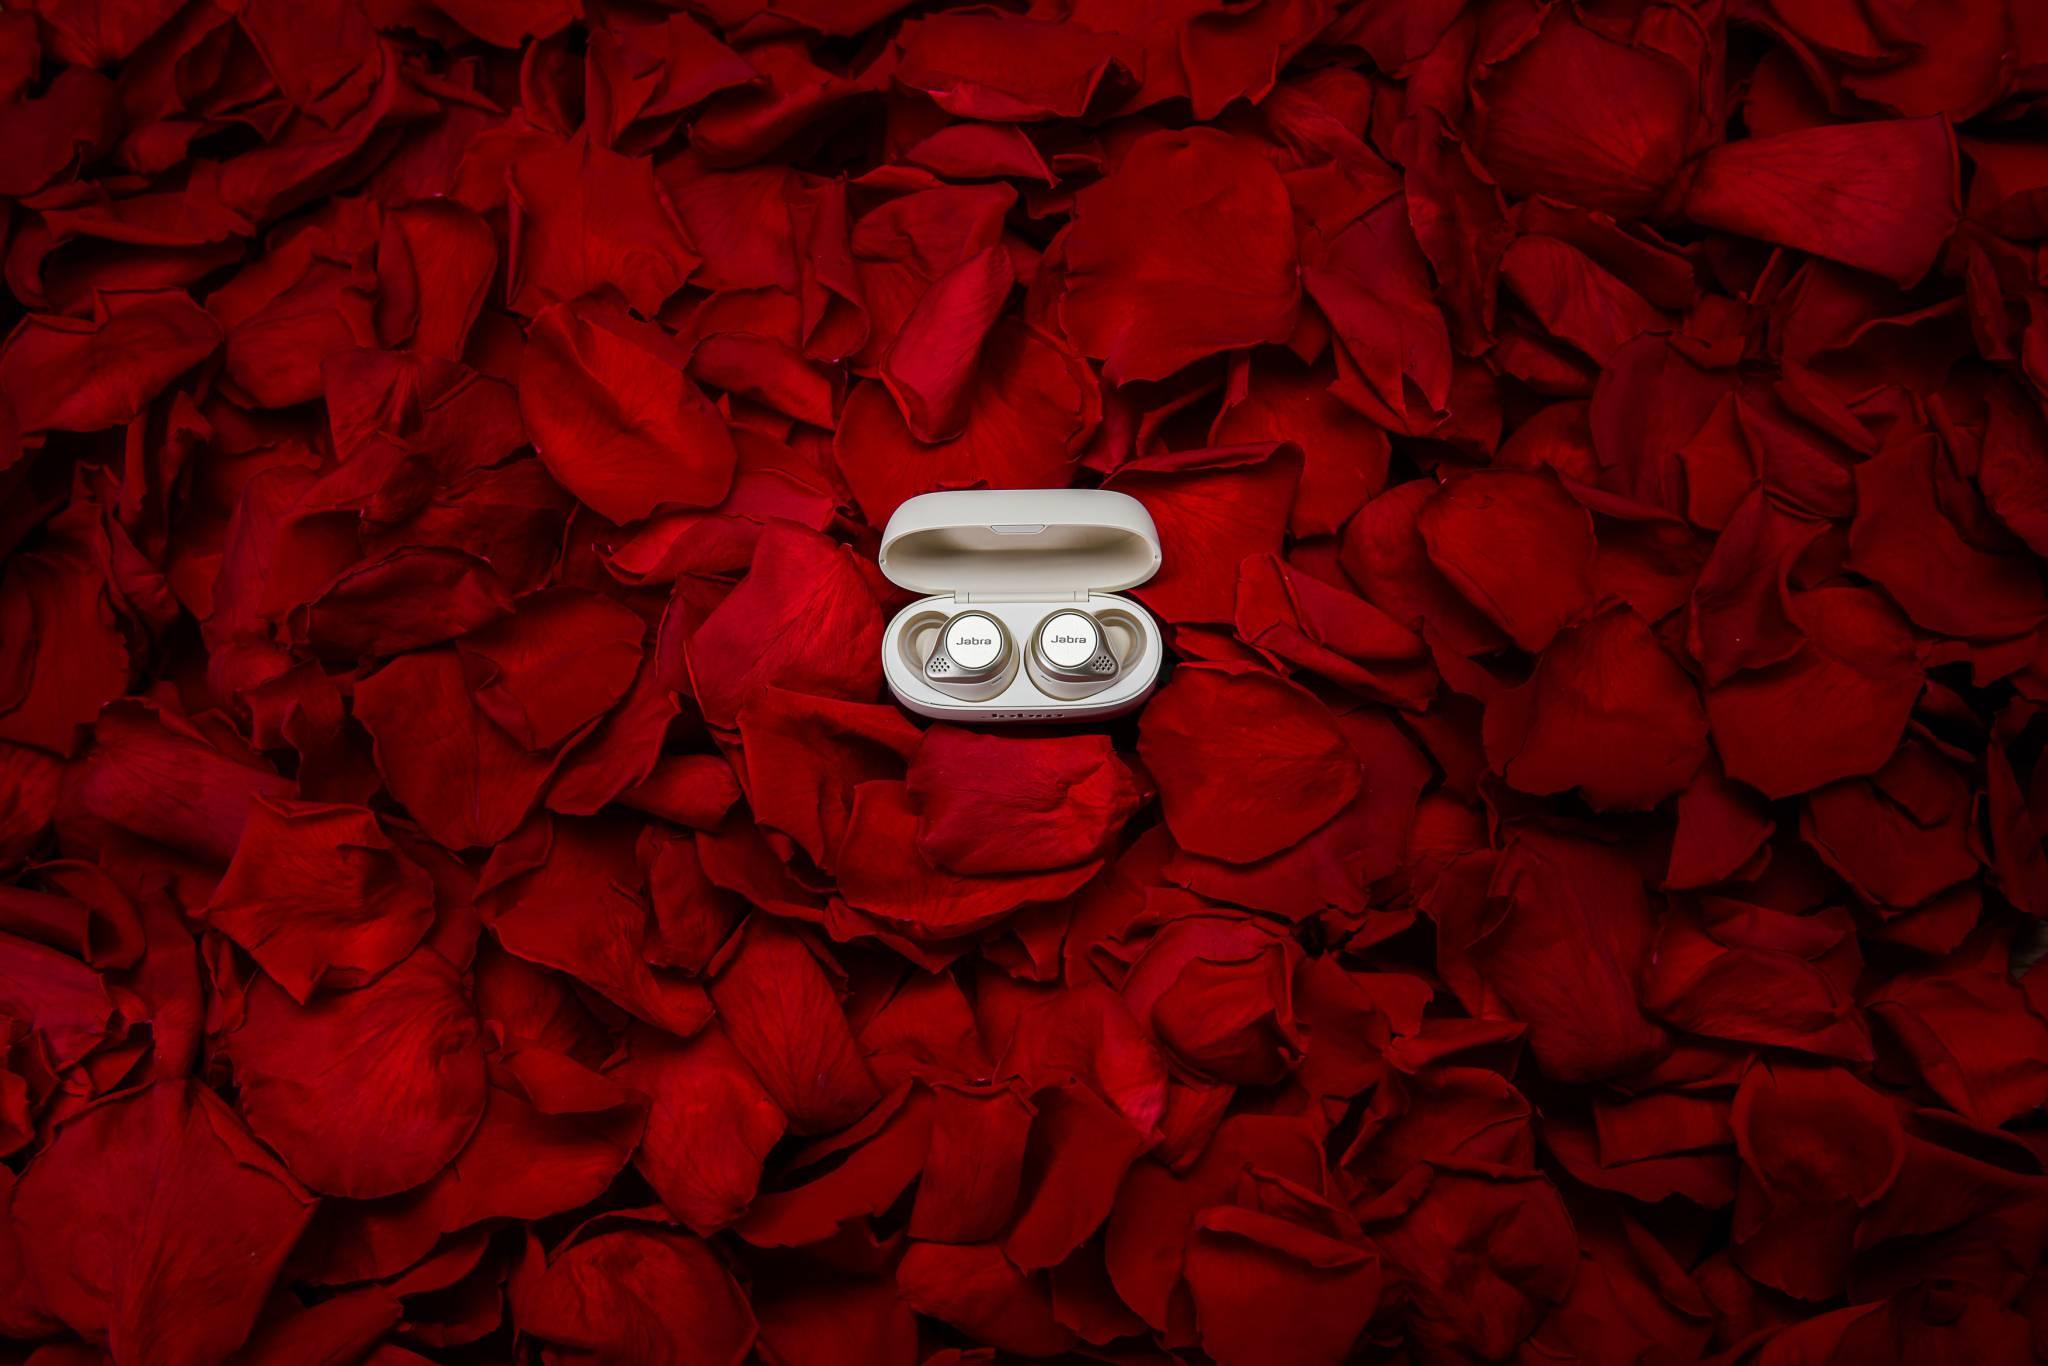 Bezprzewodowe słuchawki od Jabra – walentynkowy prezent dla niej i dla niego